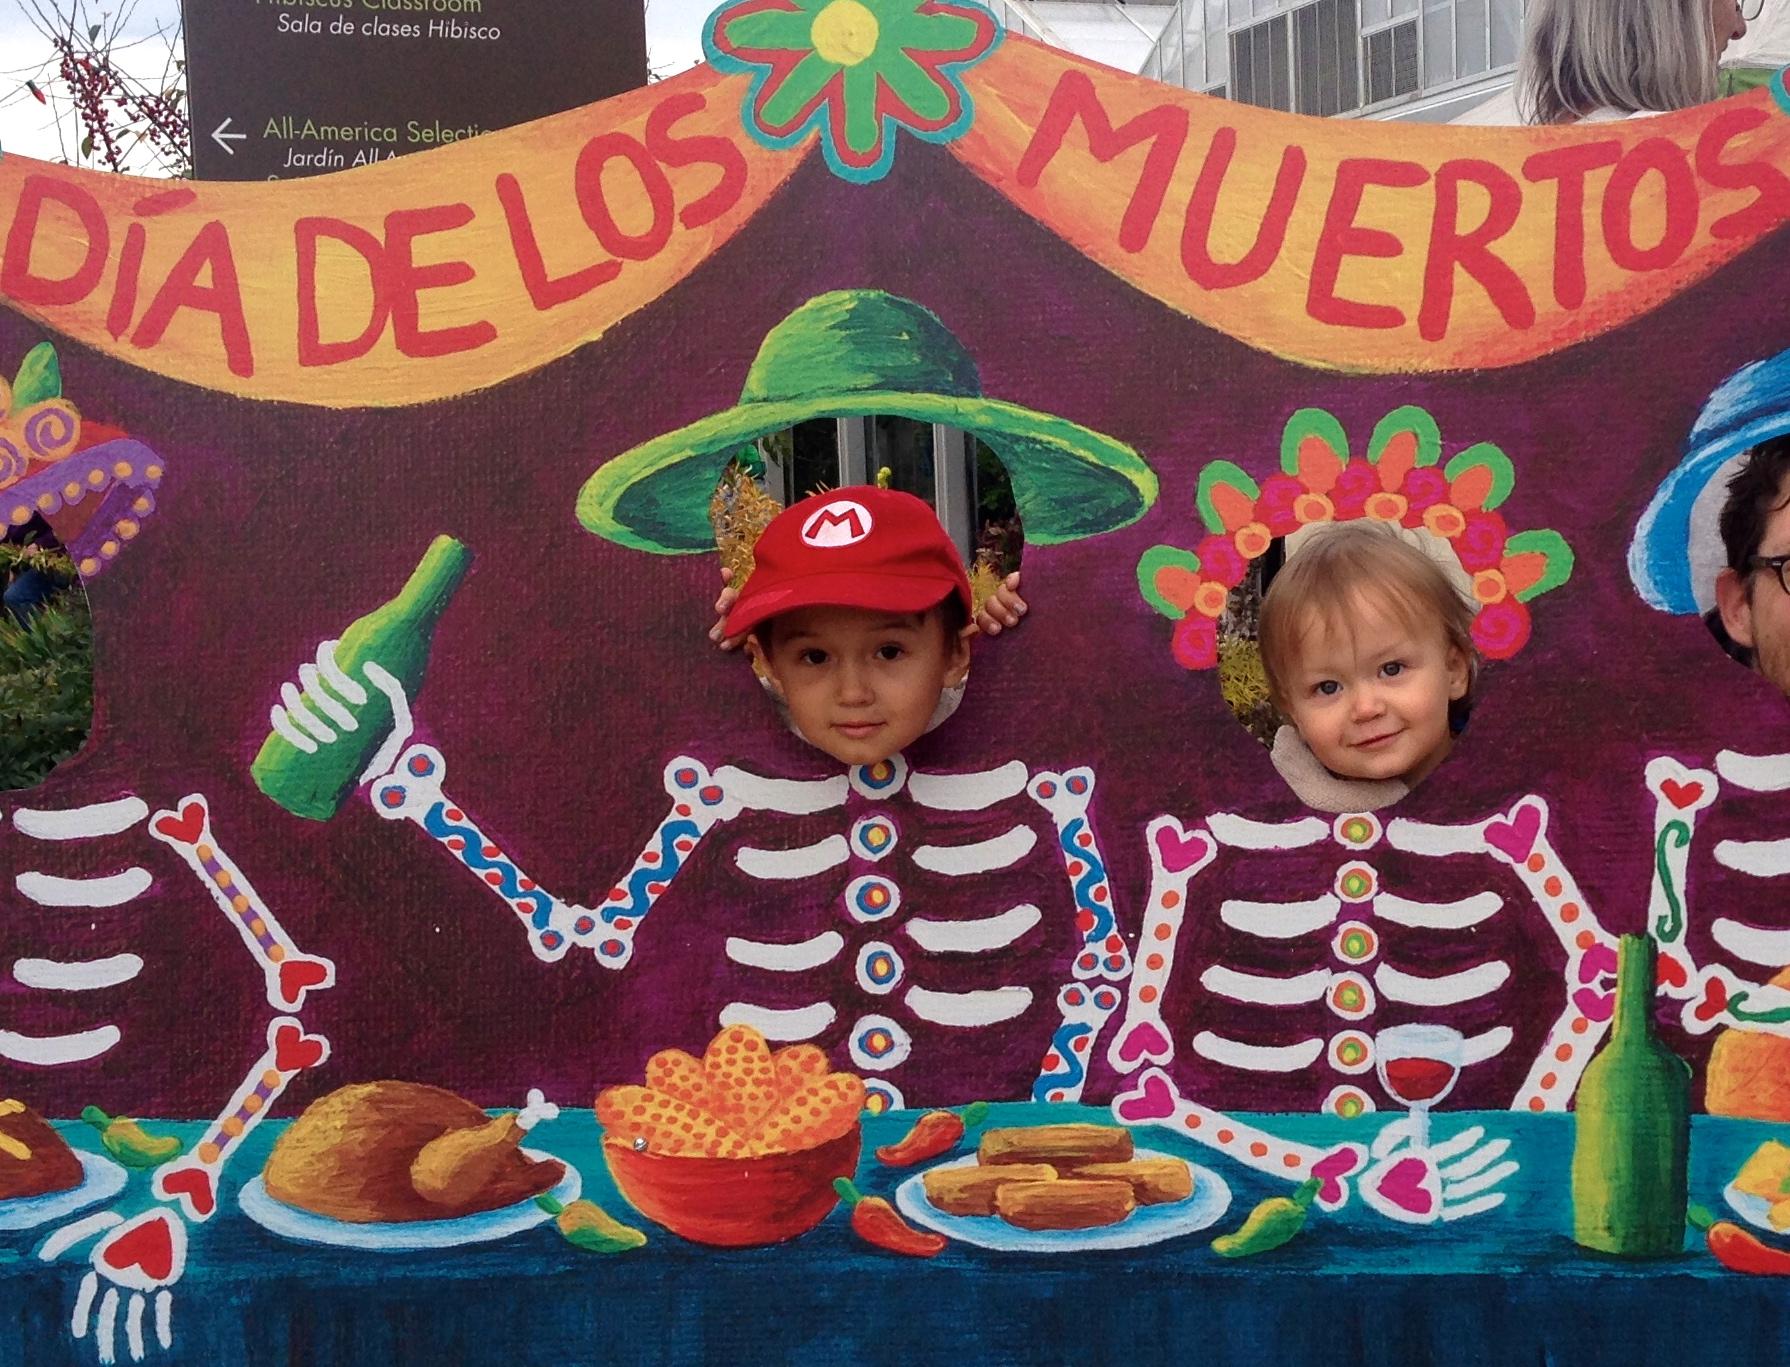 Brothers - Dia De Los Muertos